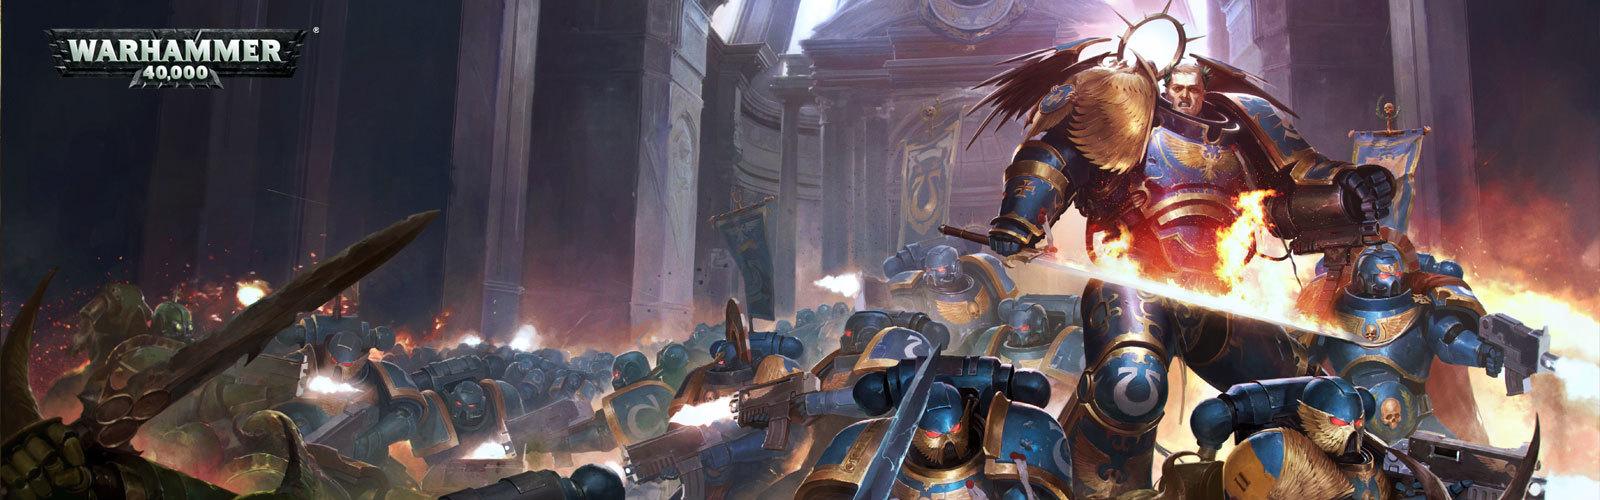 Warhammer: 40000